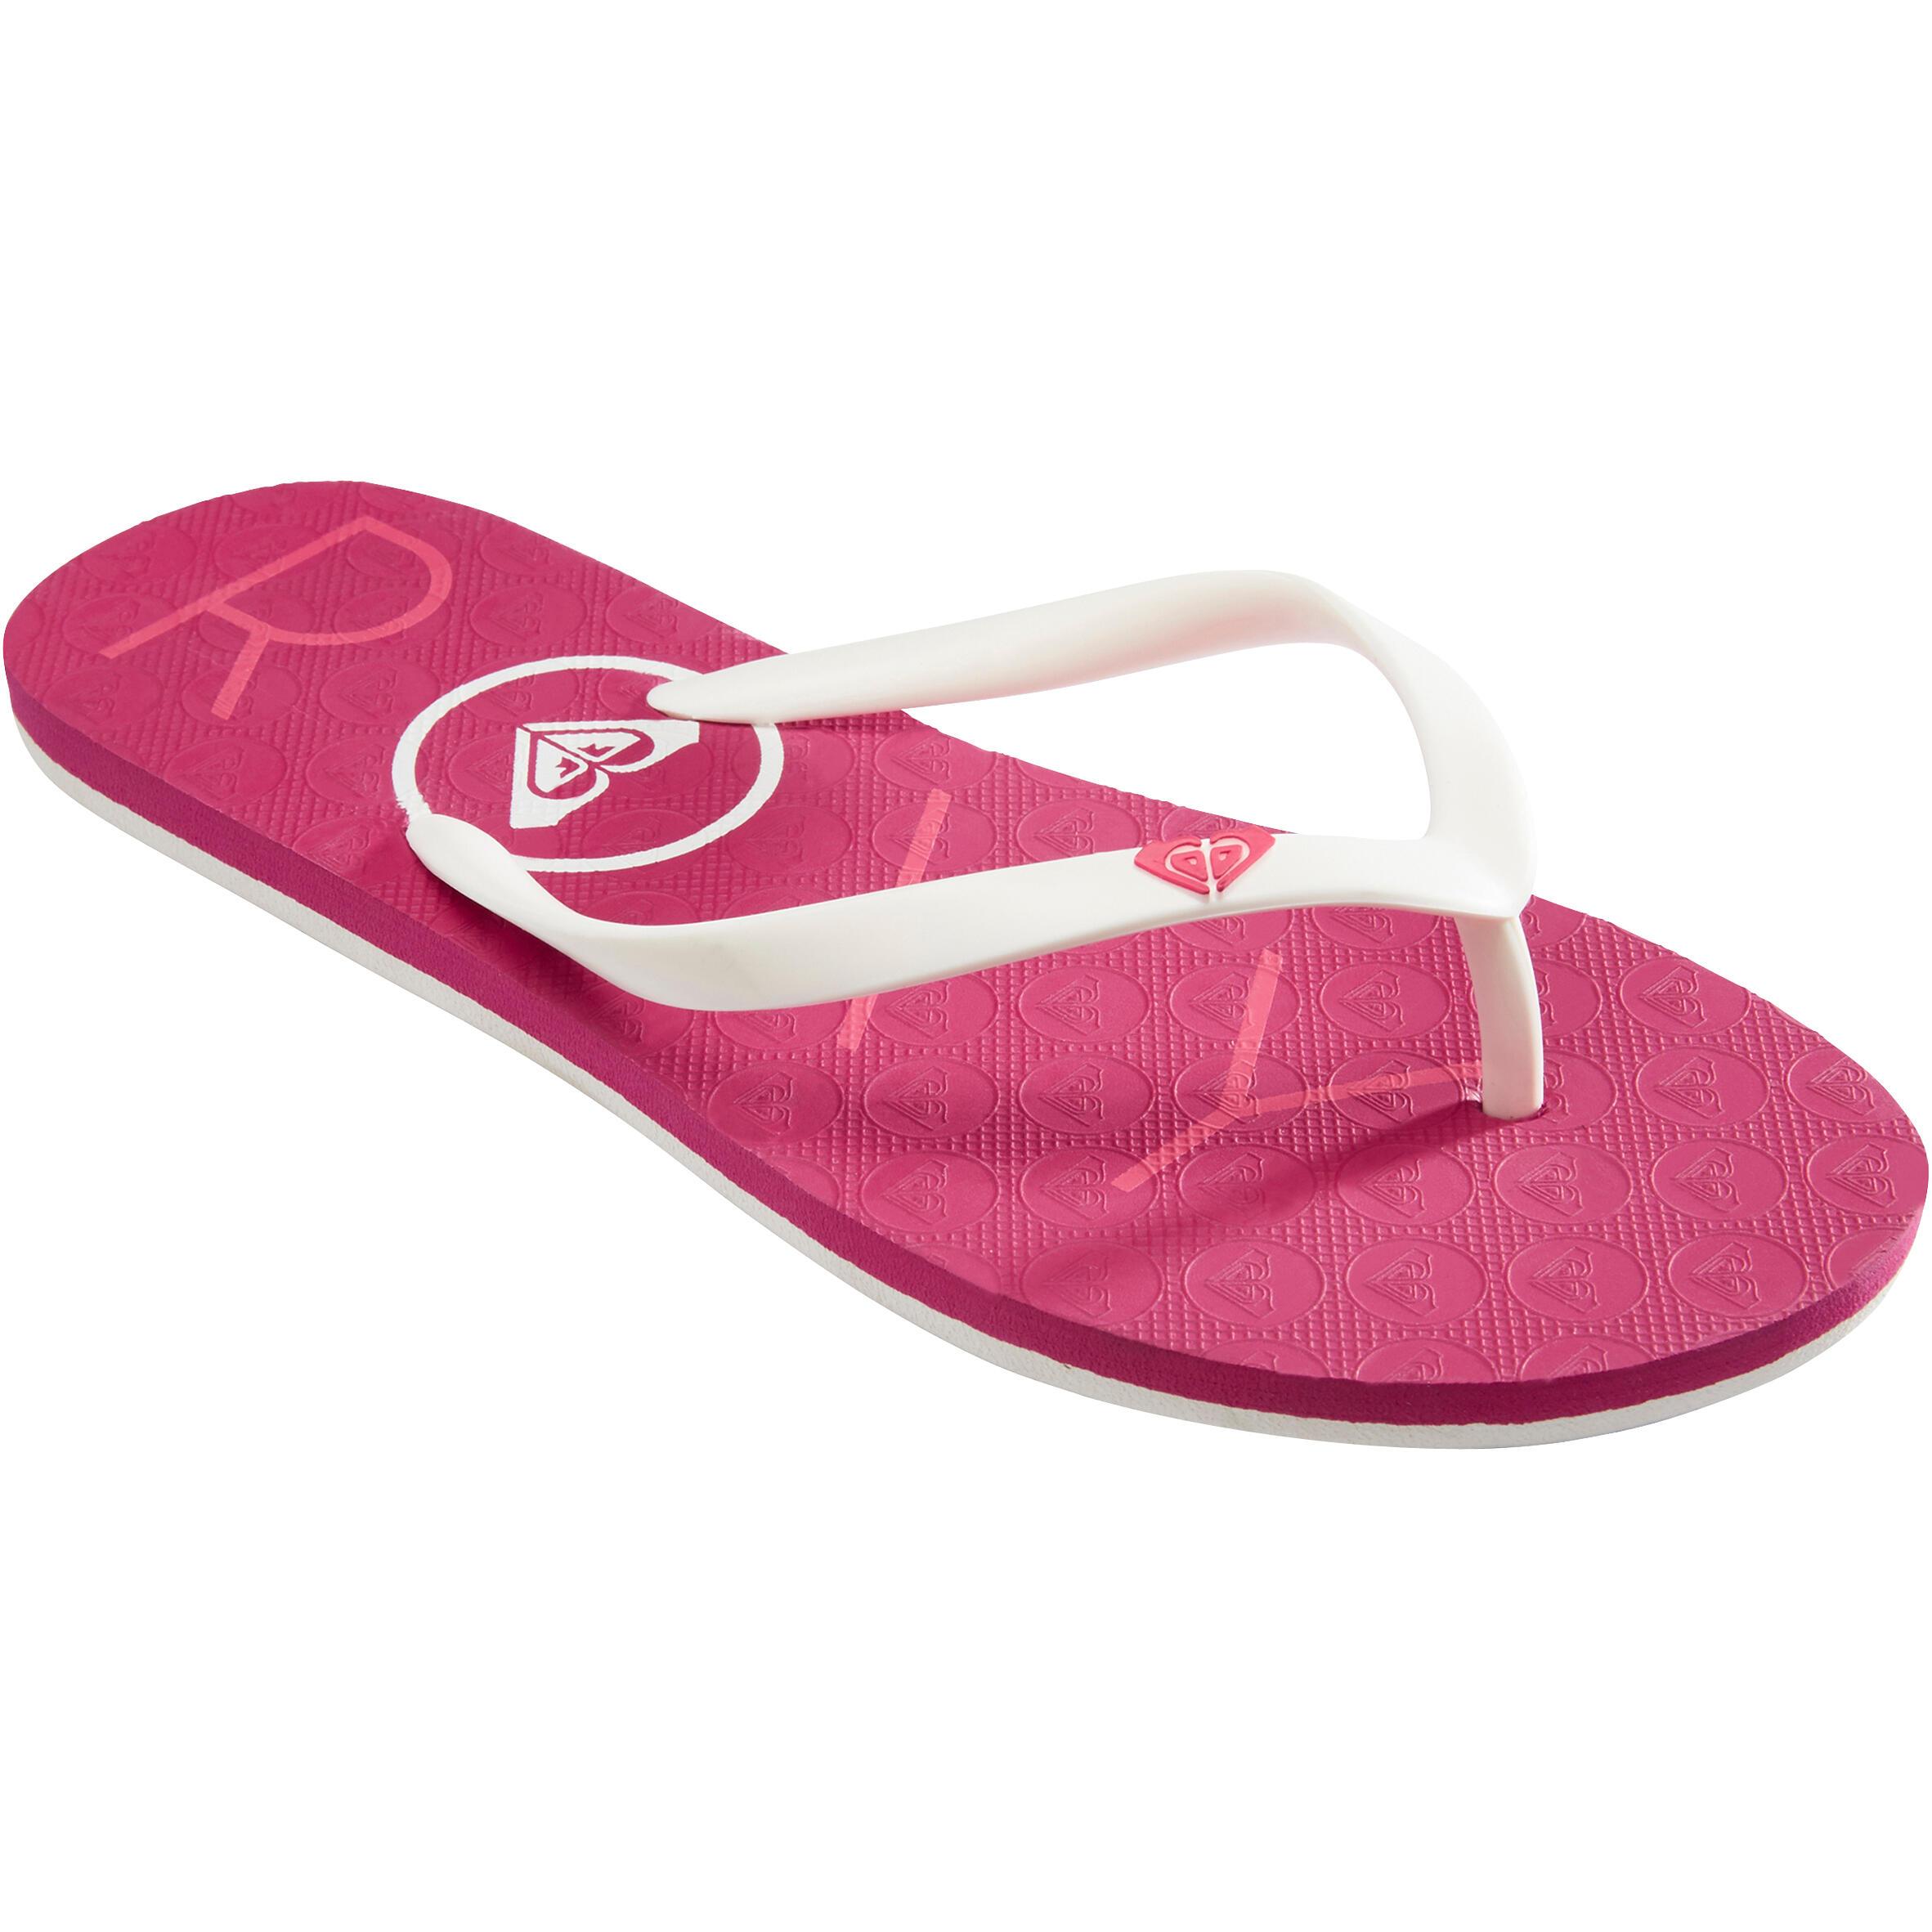 Roxy sportslippers voor dames Sea roze